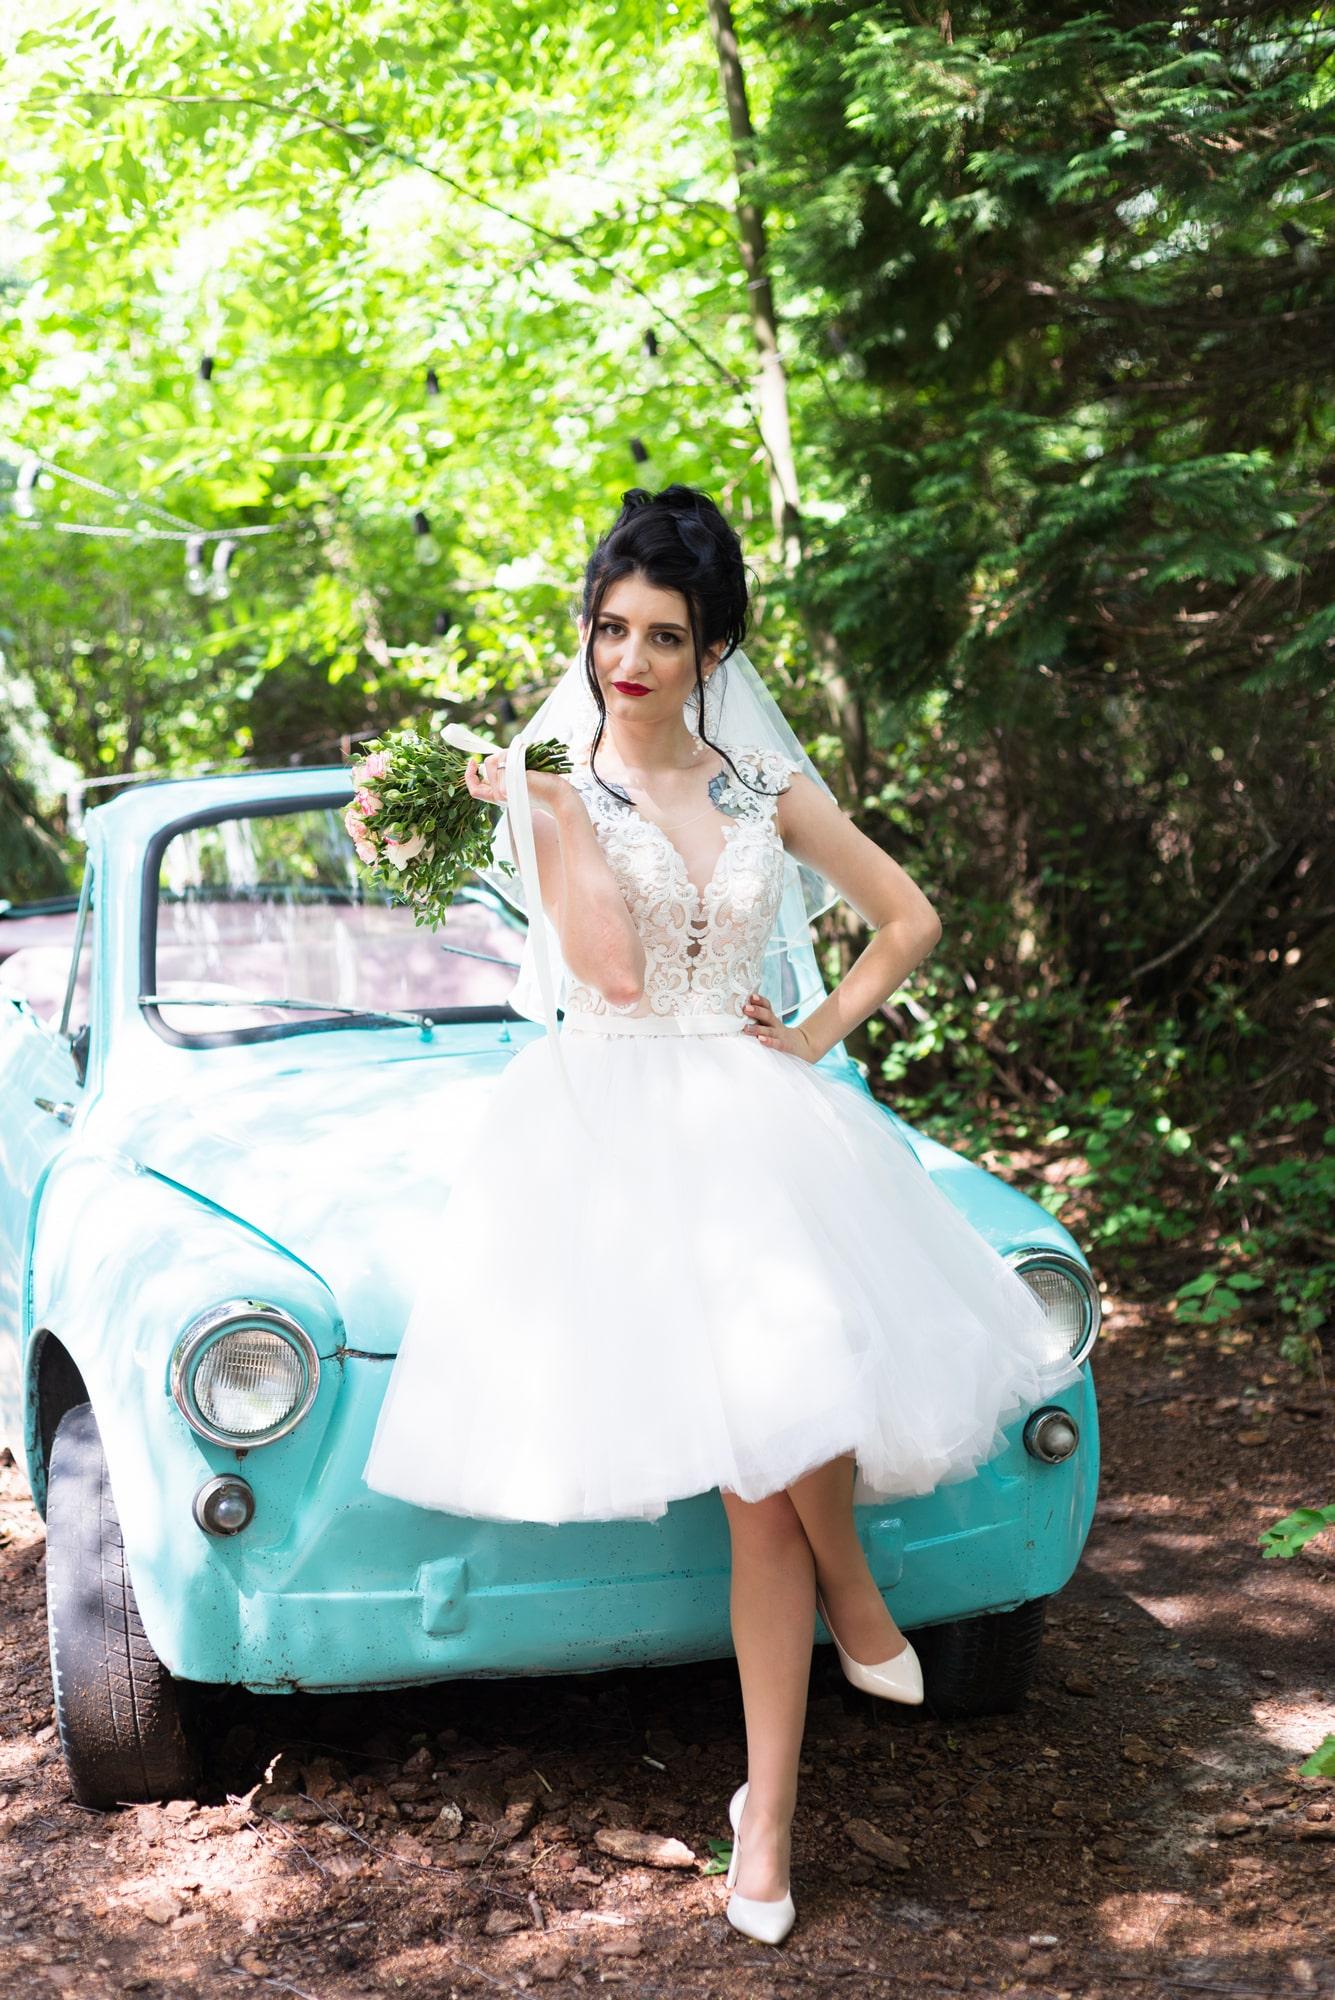 Свадебная фотосессия в студии Play - невеста возле автомобиля